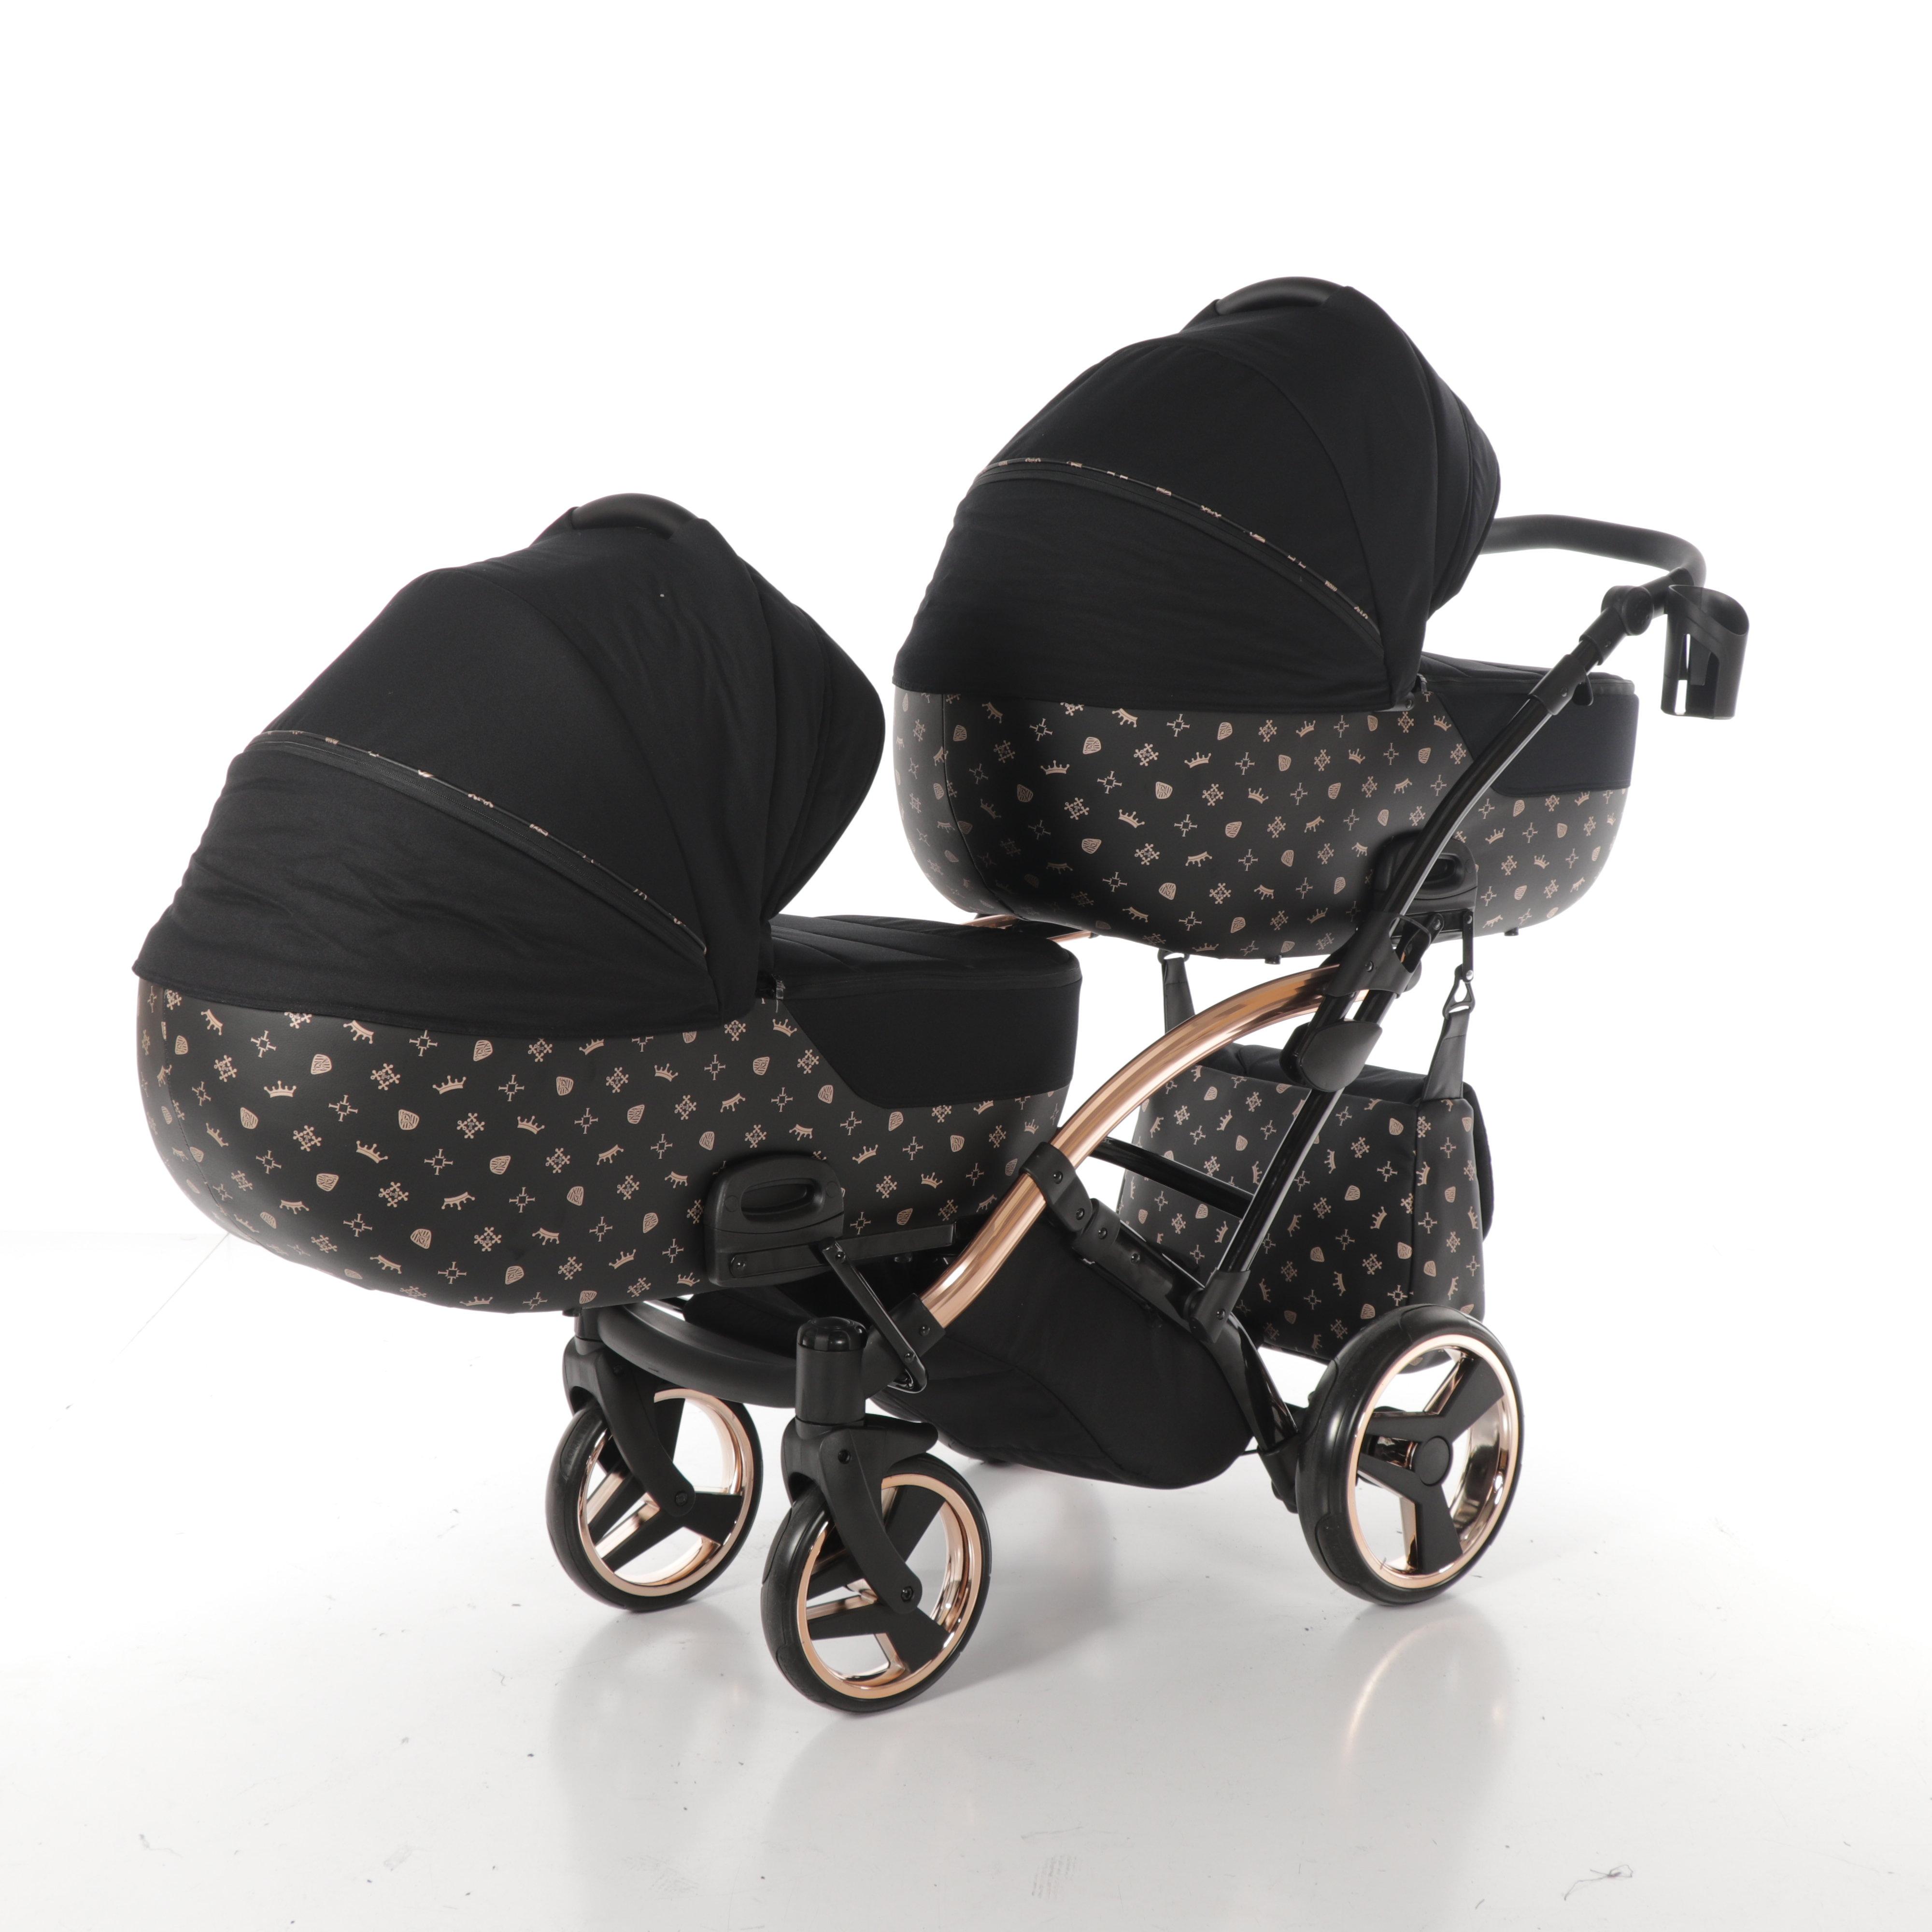 wózek bliźniaczy Imperial Laret Duo Slim Tako wielofunkcyjny dzieciecy Dadi Shop